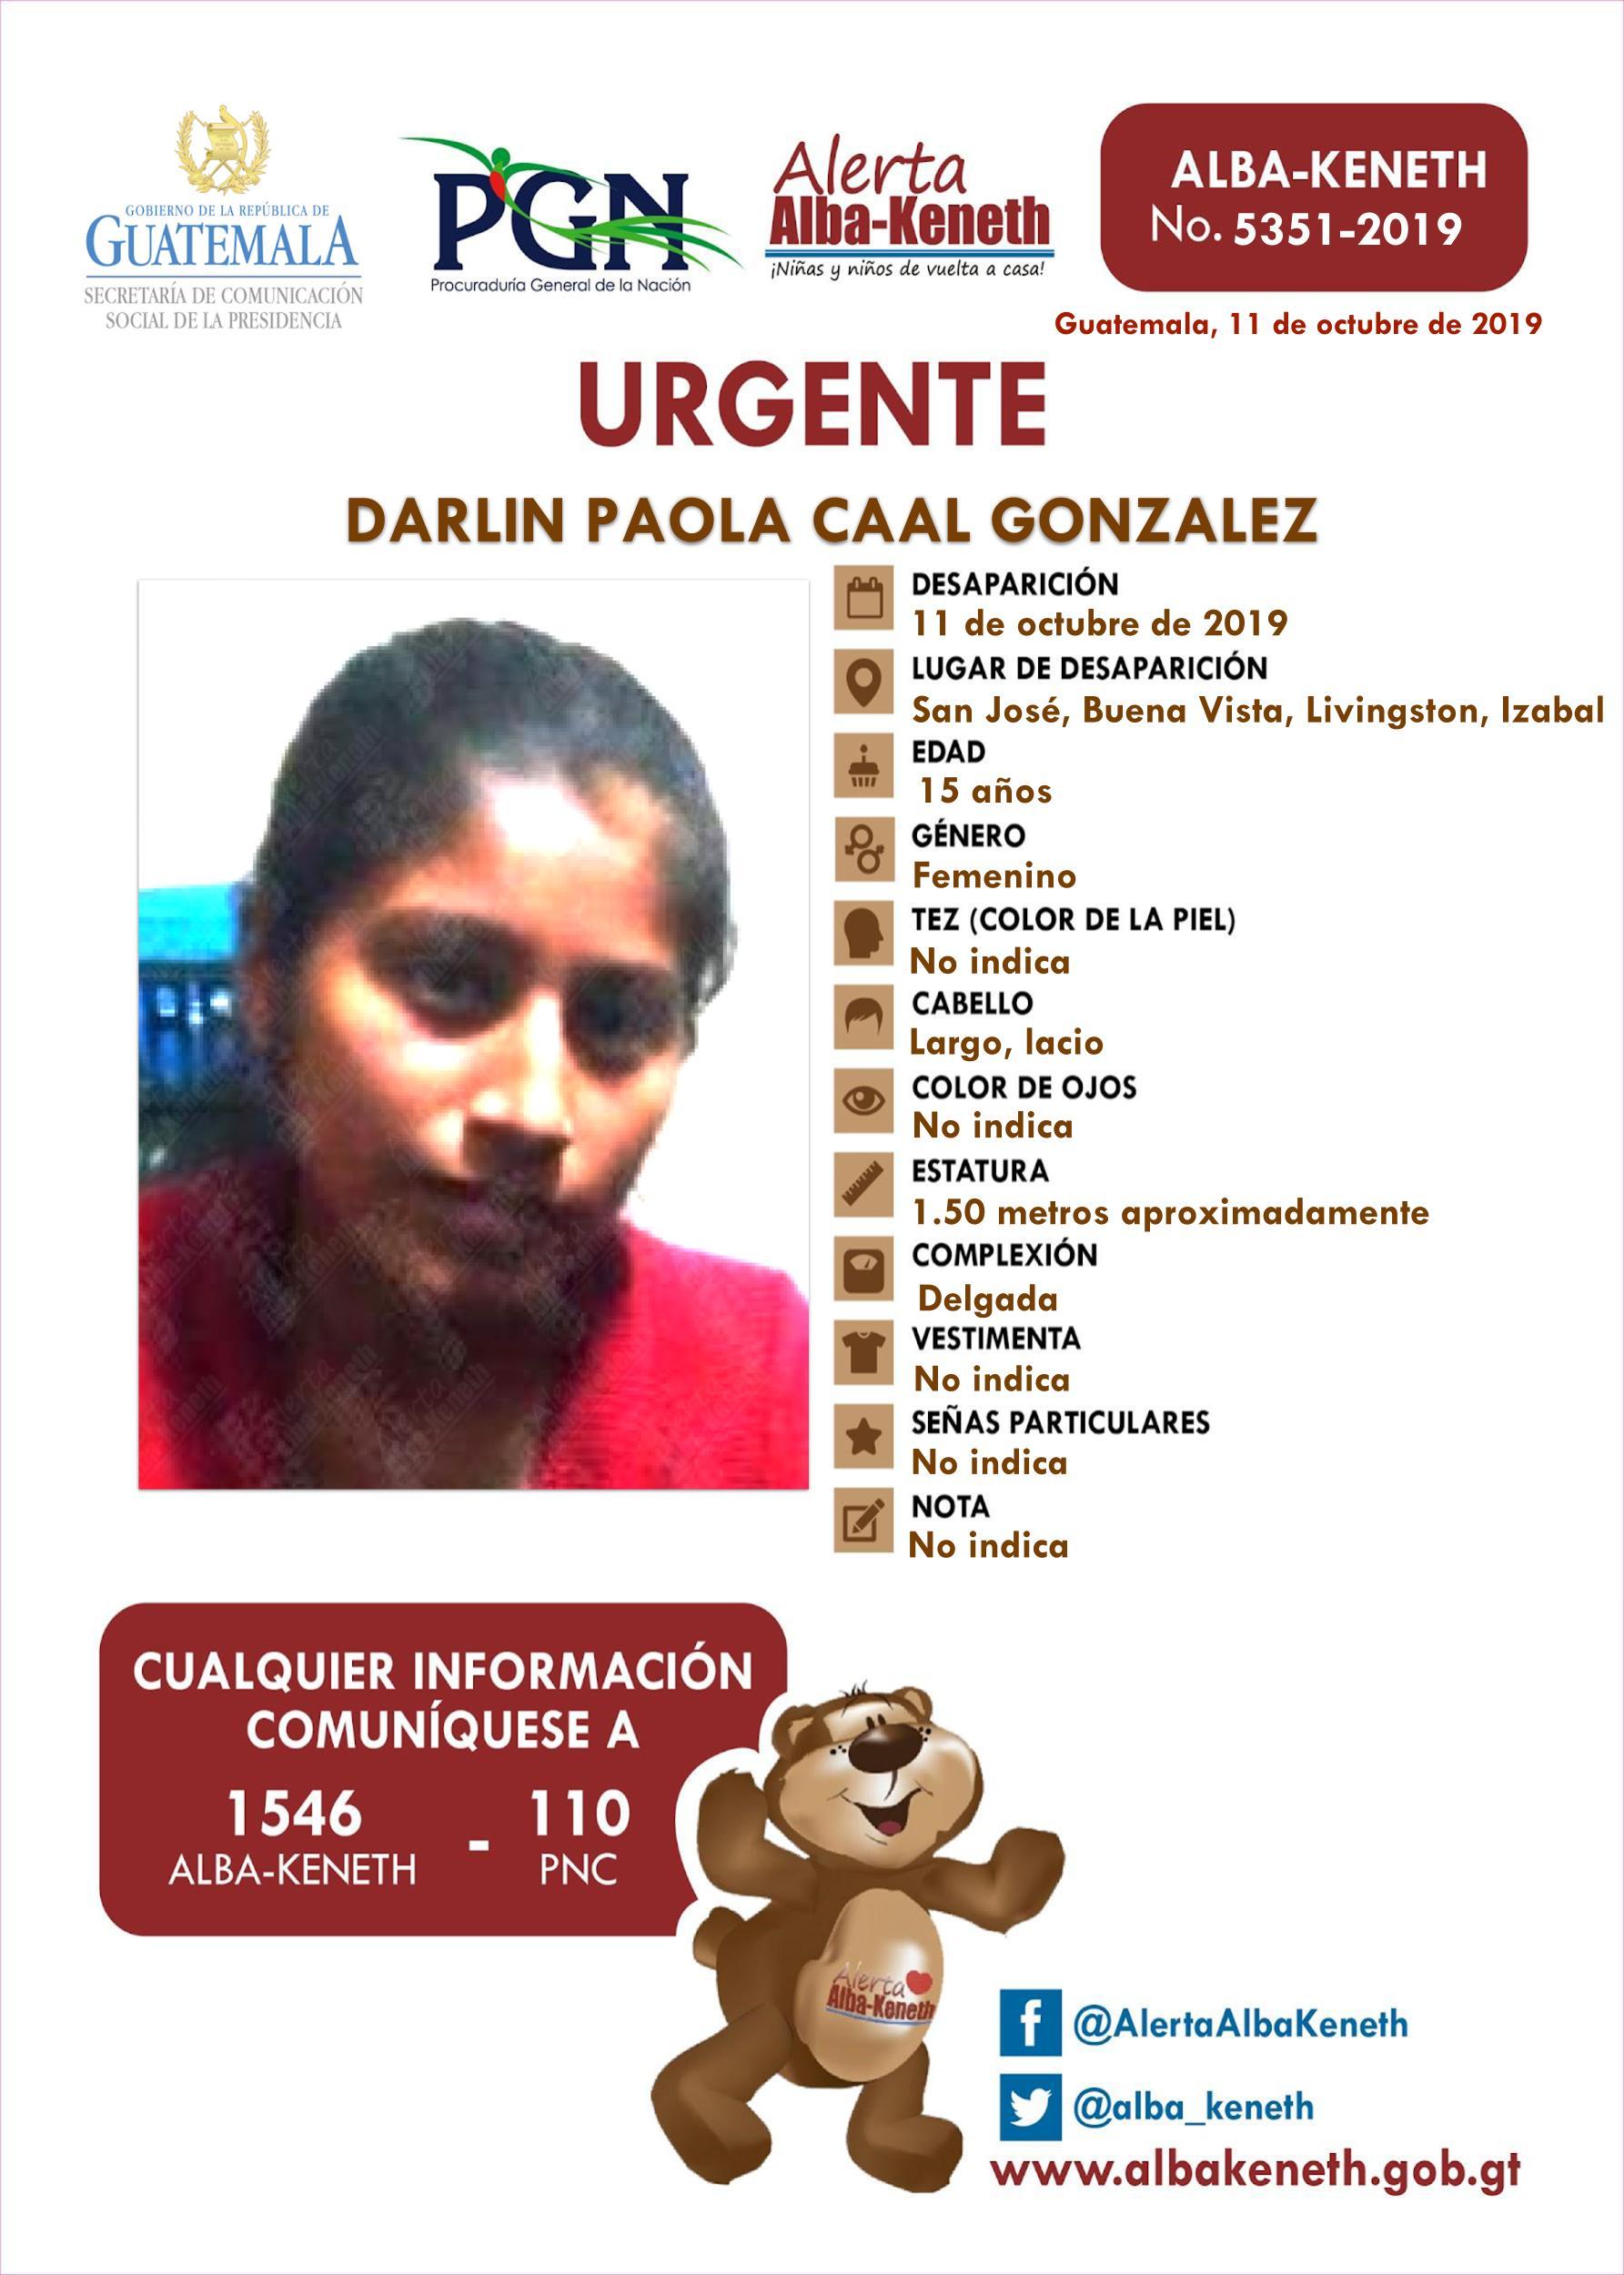 Darlin Paola Caal Ganzalez